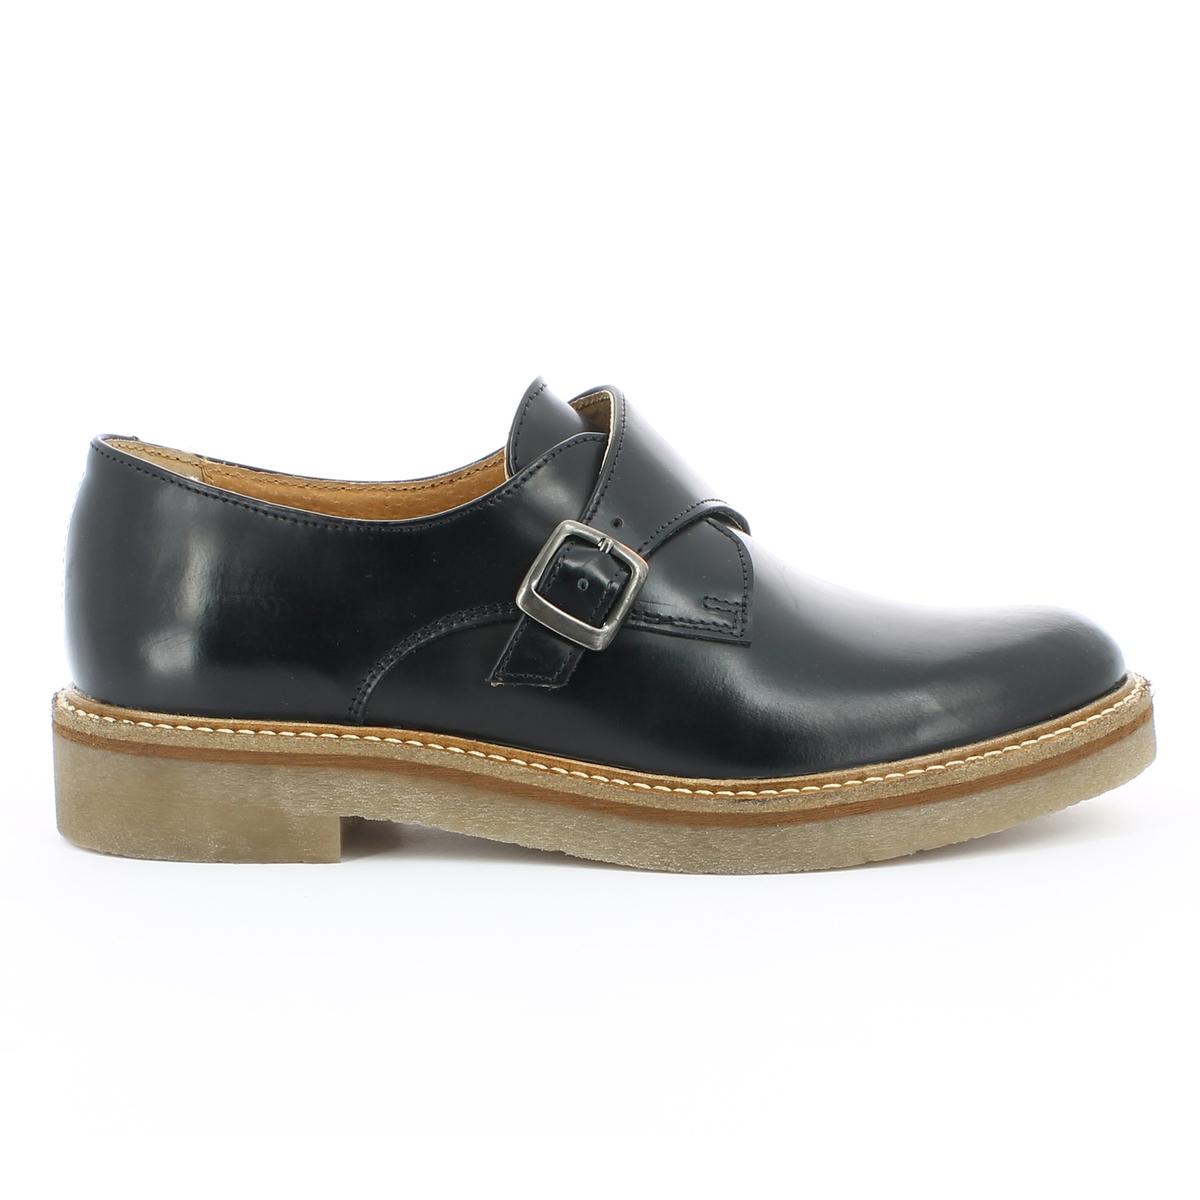 Ботинки-дерби кожаные с пряжкой цены онлайн